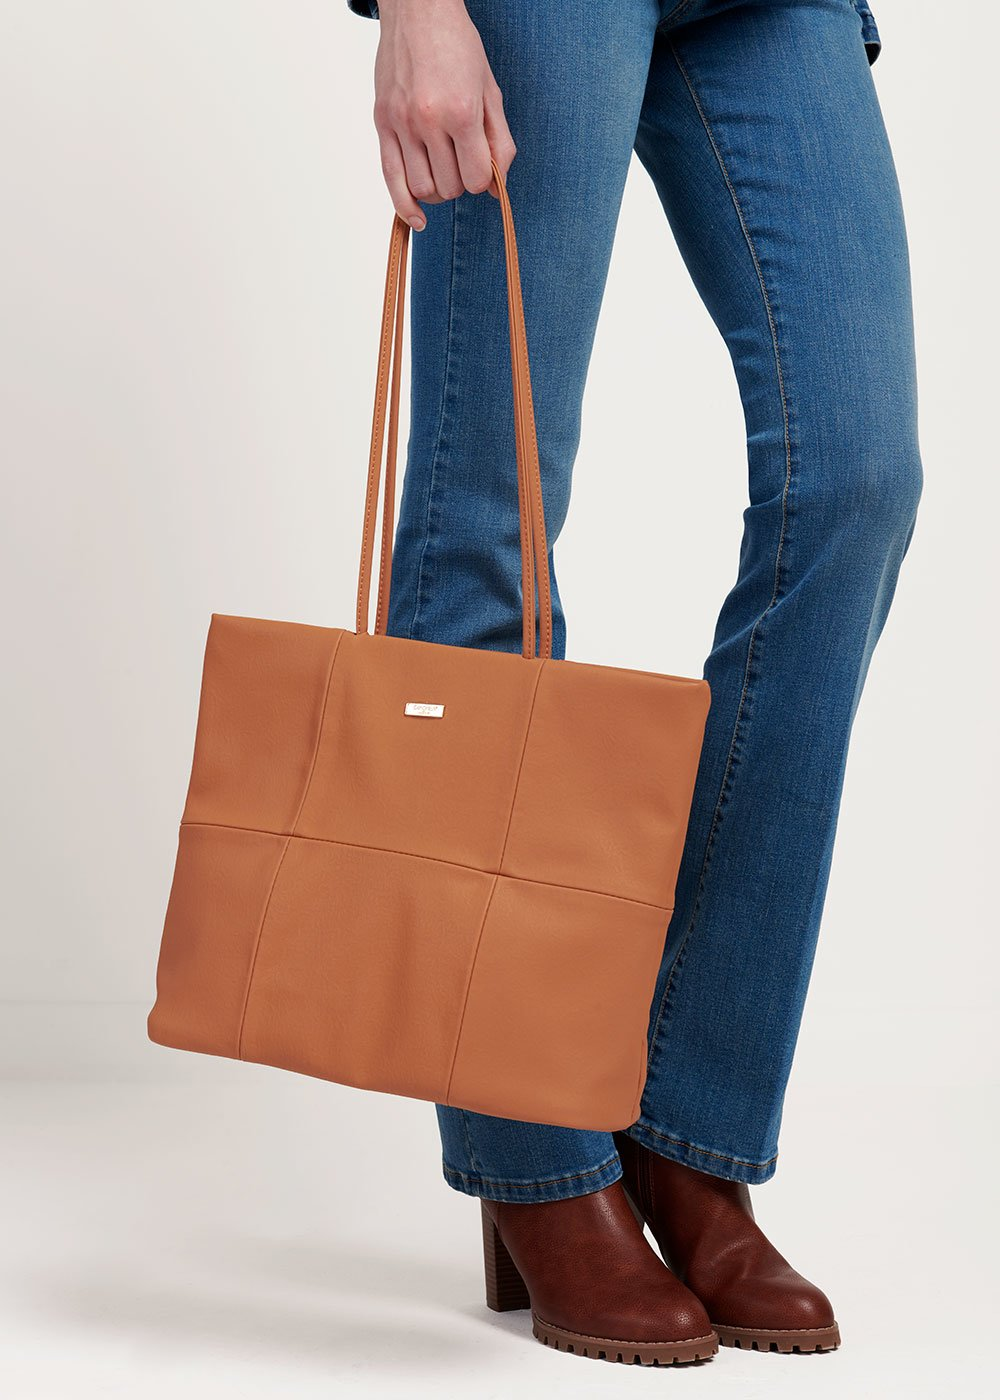 Badel shopping bag with long handle - Papaya - Woman